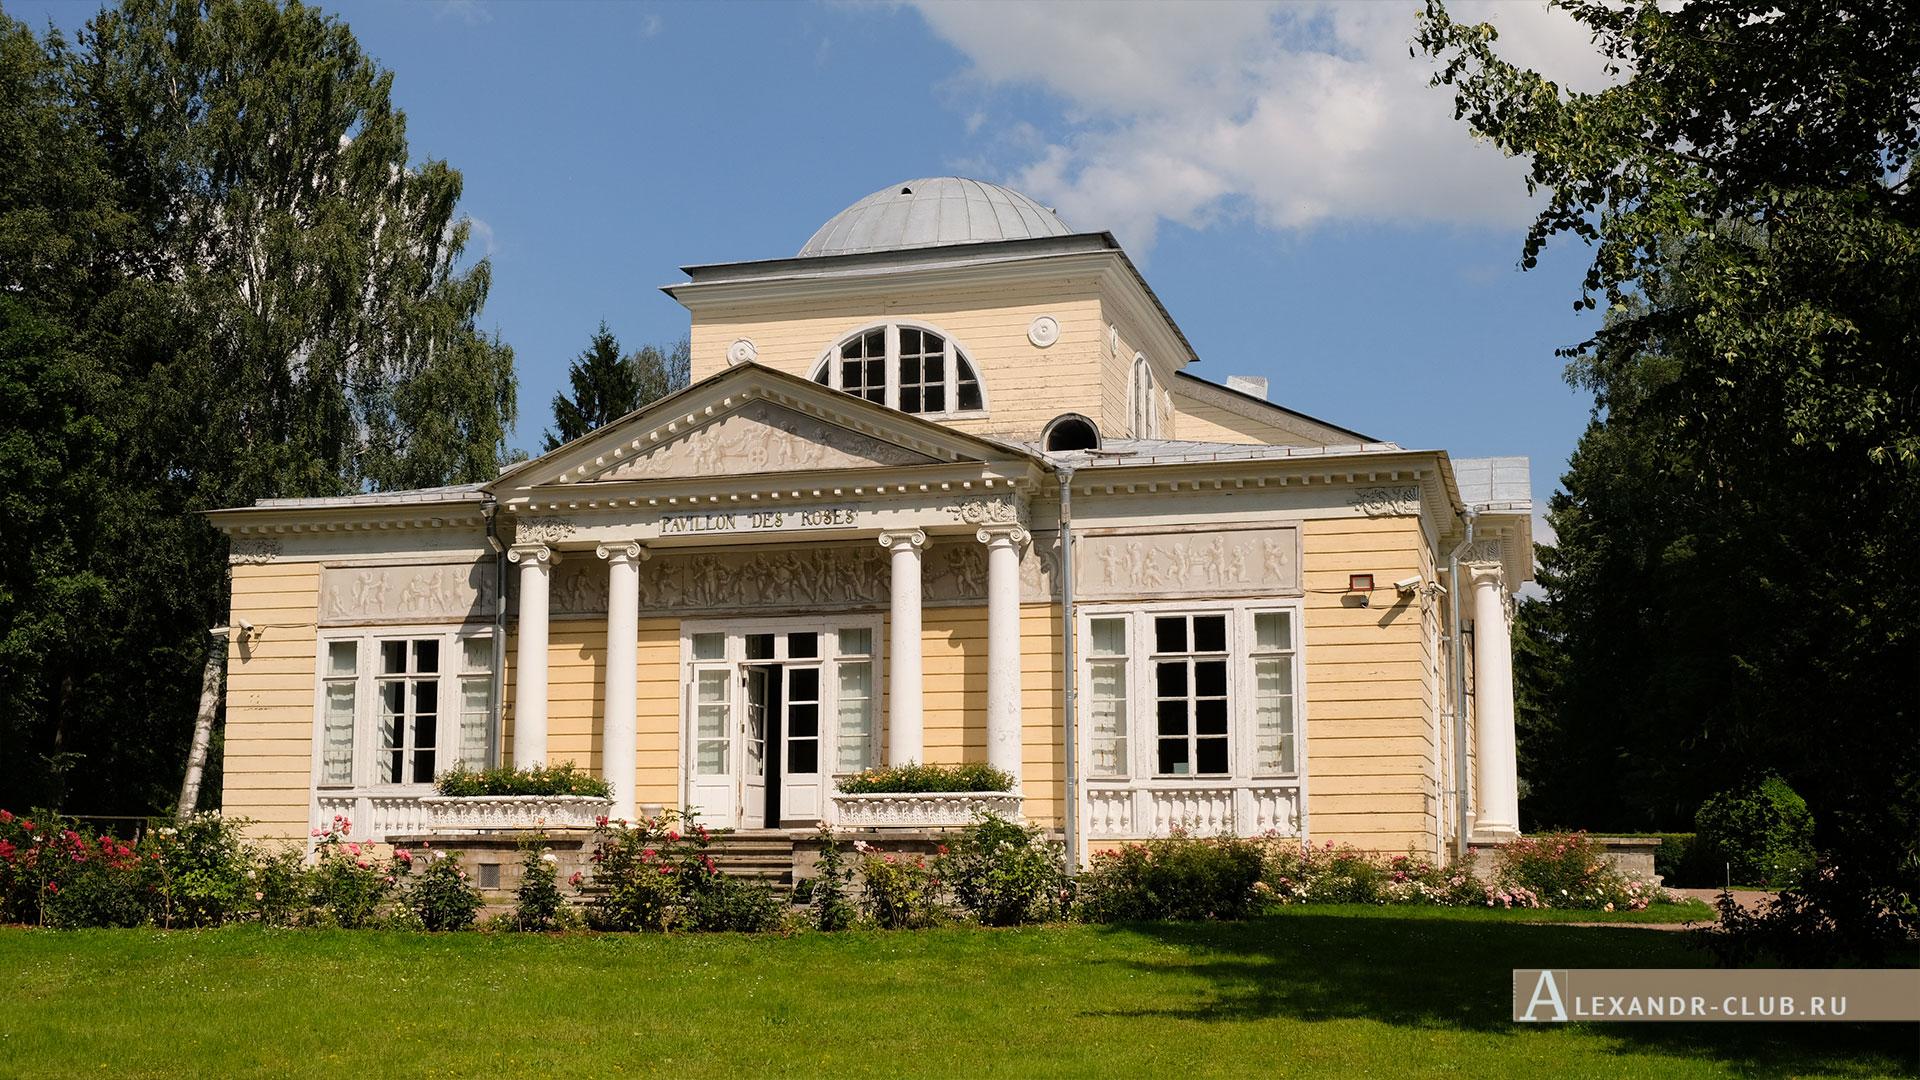 Павловск, лето, Павловский парк, Розовый павильон